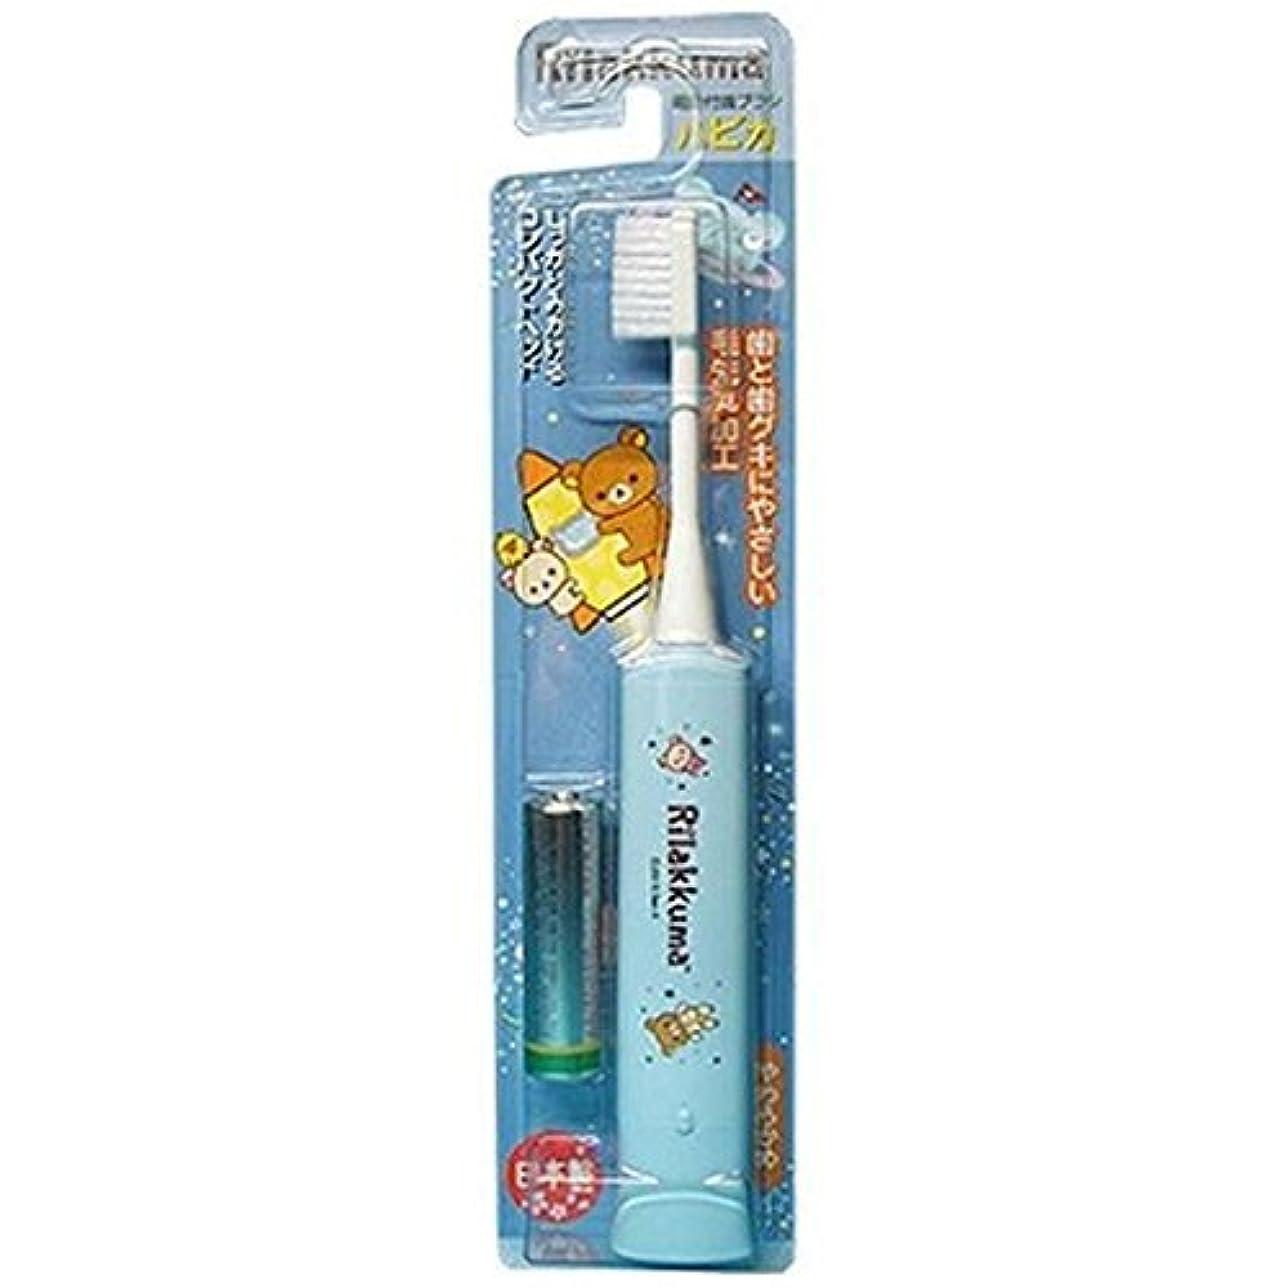 拒絶書士ギャップミニマム 電動付歯ブラシ リラックマハピカ ブルー 毛の硬さ:やわらかめ DBM-5B(RK)